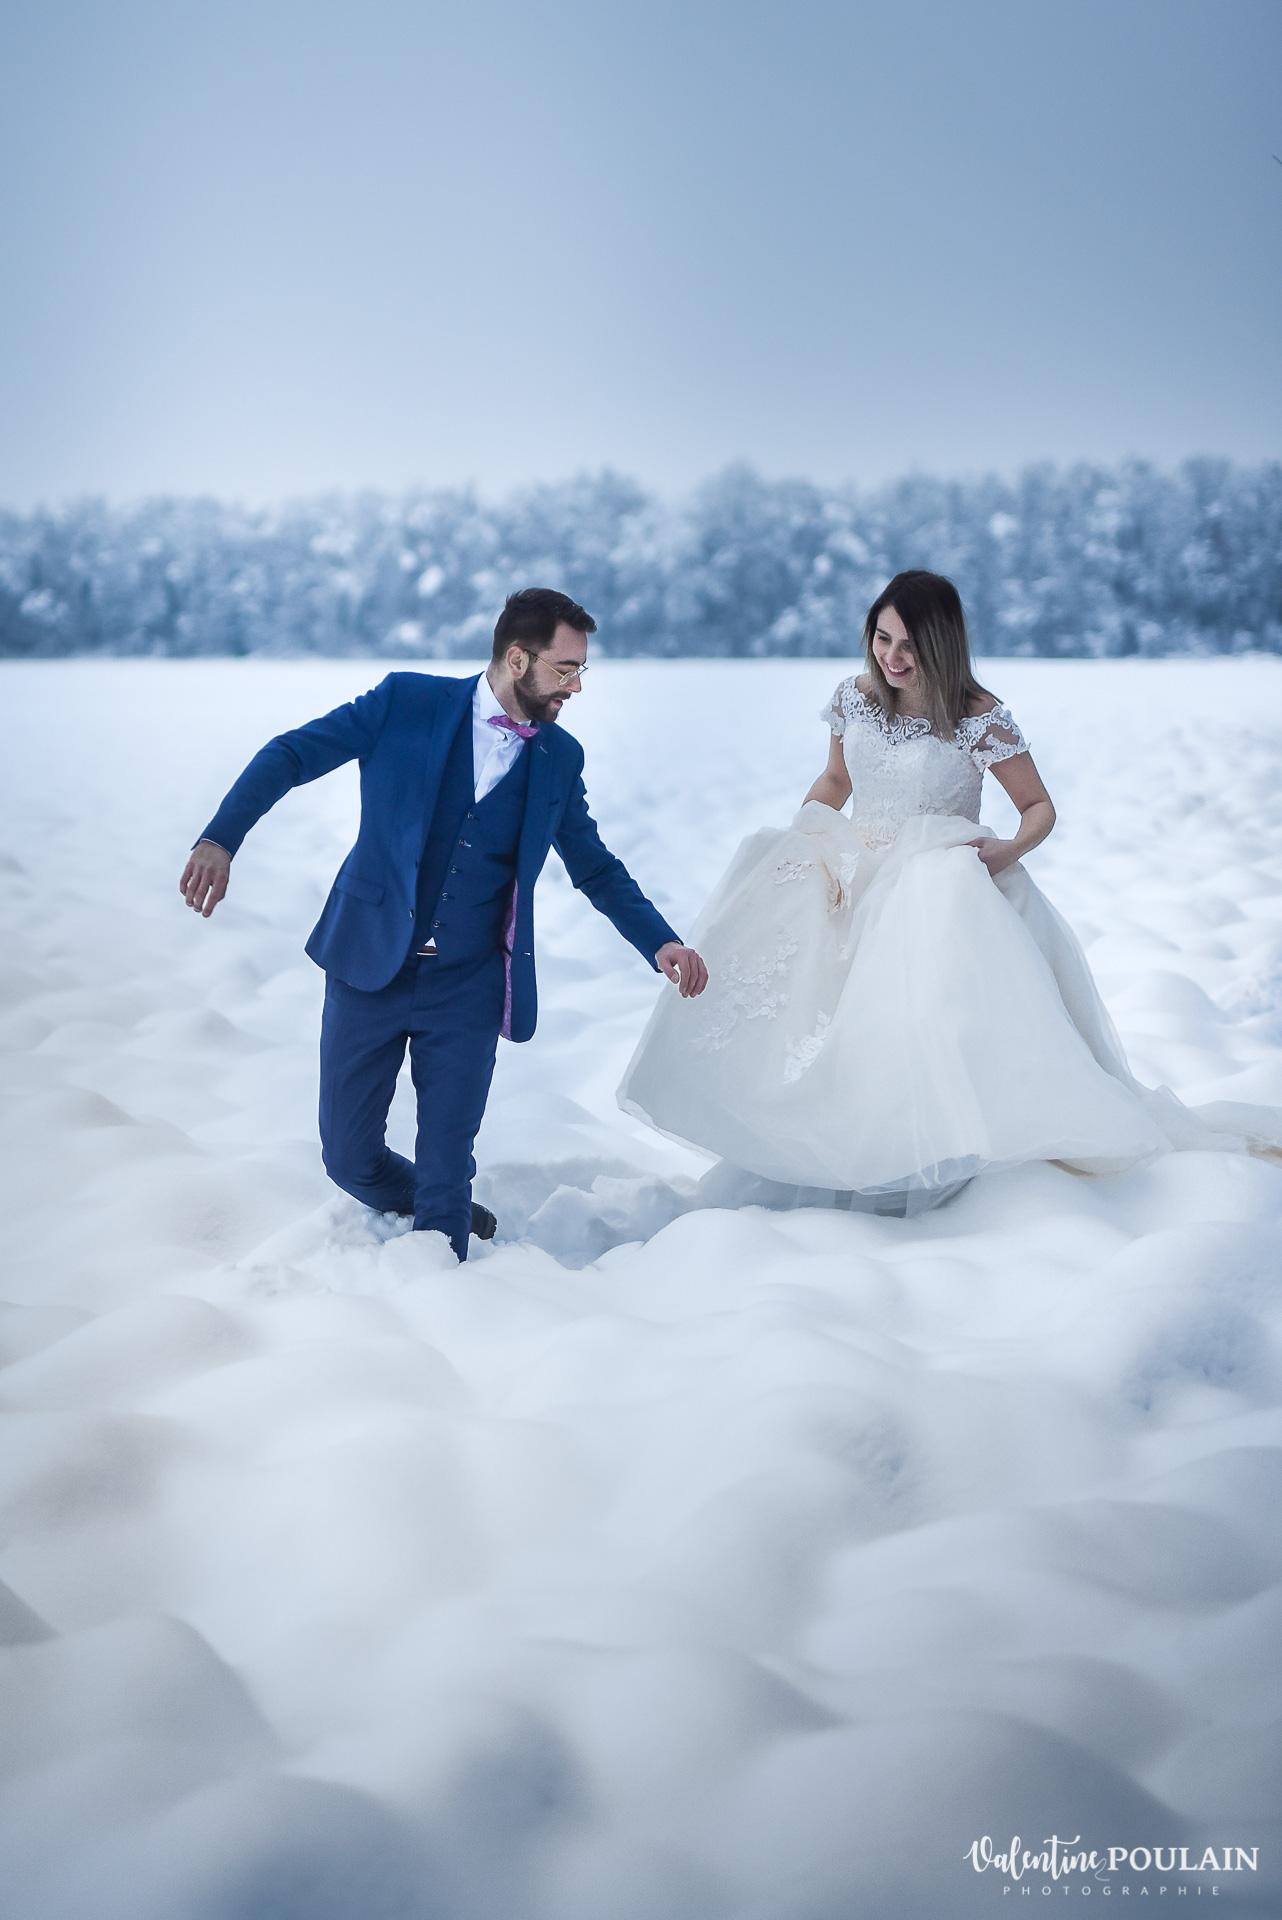 Se marier en hiver sous la neige - Valentine Poulain marchent